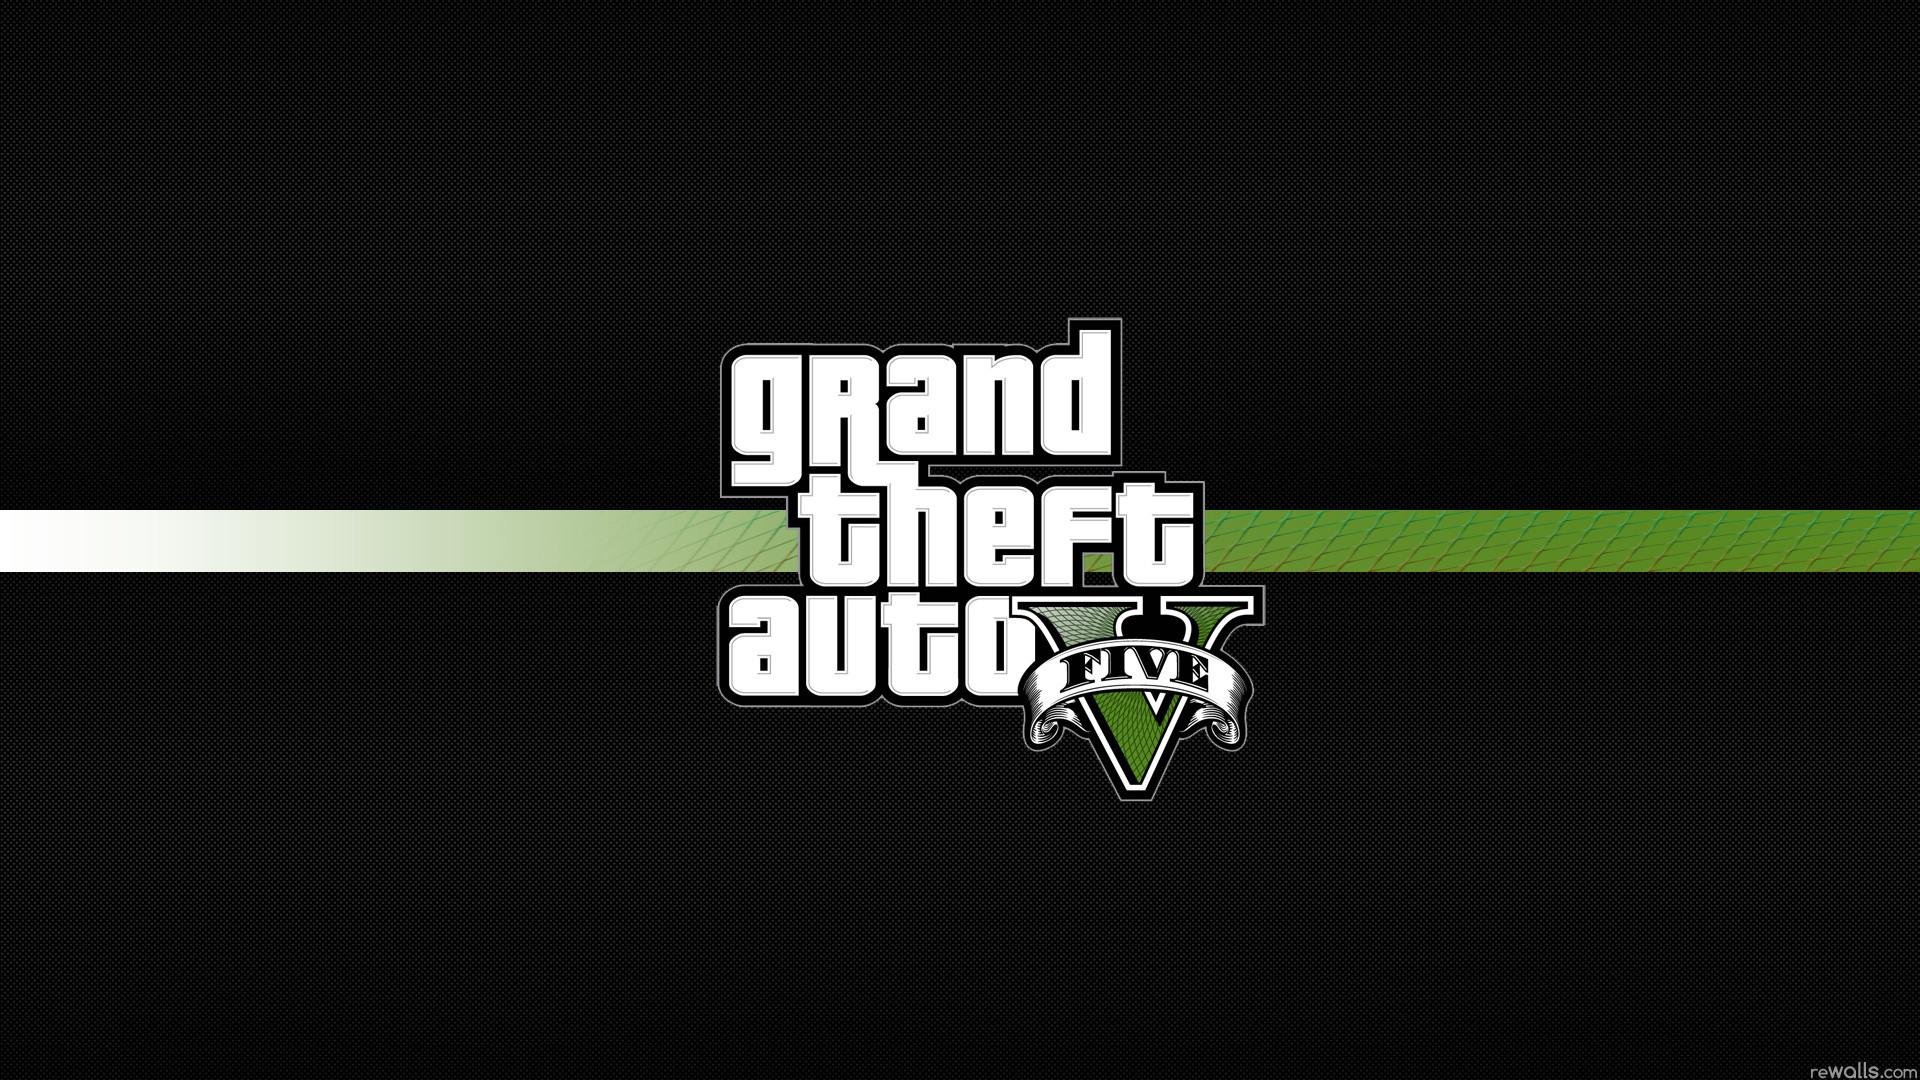 Description: Grand Theft Auto 5 Wallpaper 1080p is a hi res Wallpaper .